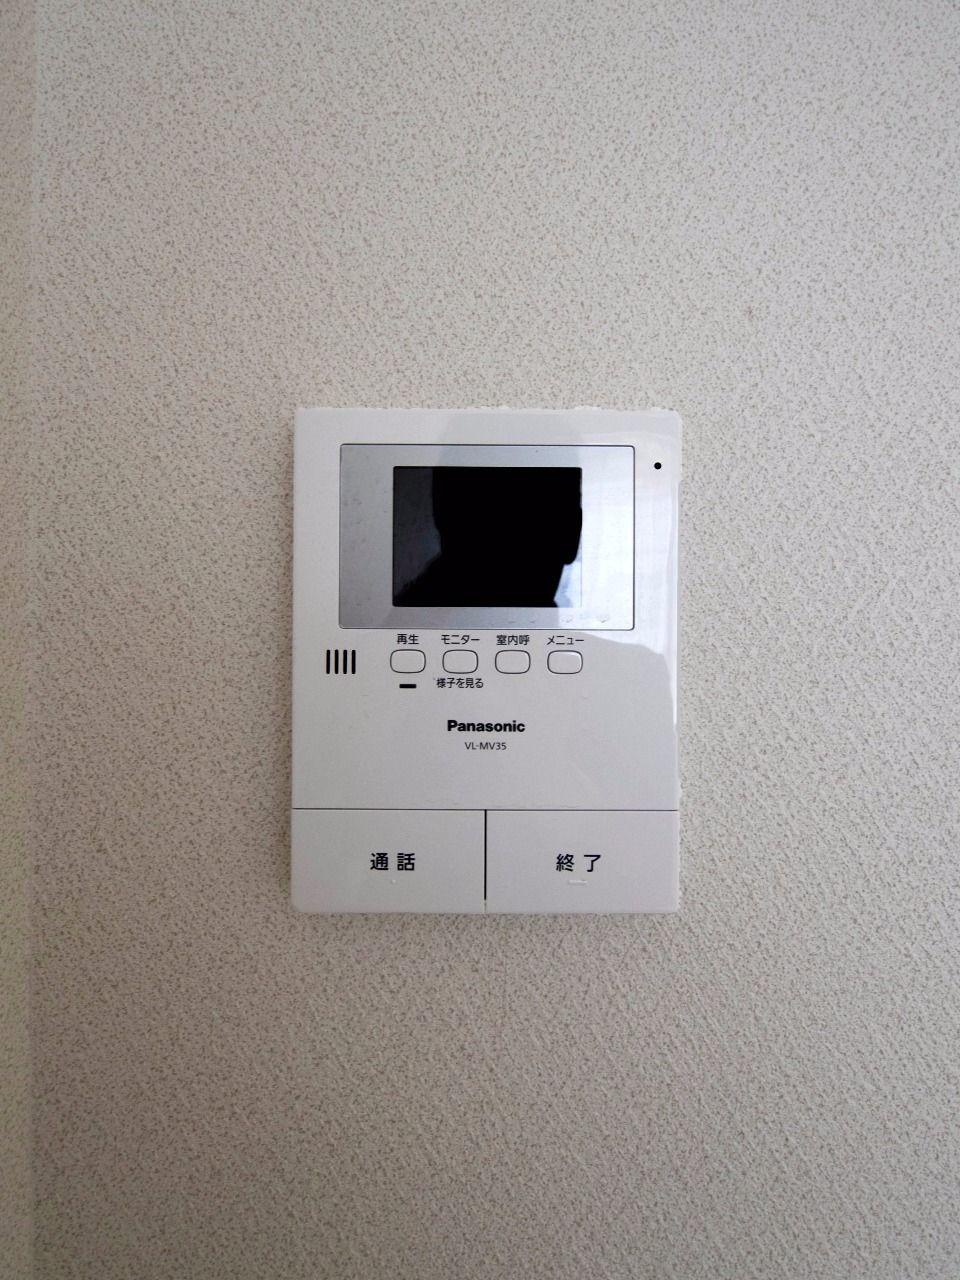 TVモニター付インターホンで室内にいながら来訪者を確認できます